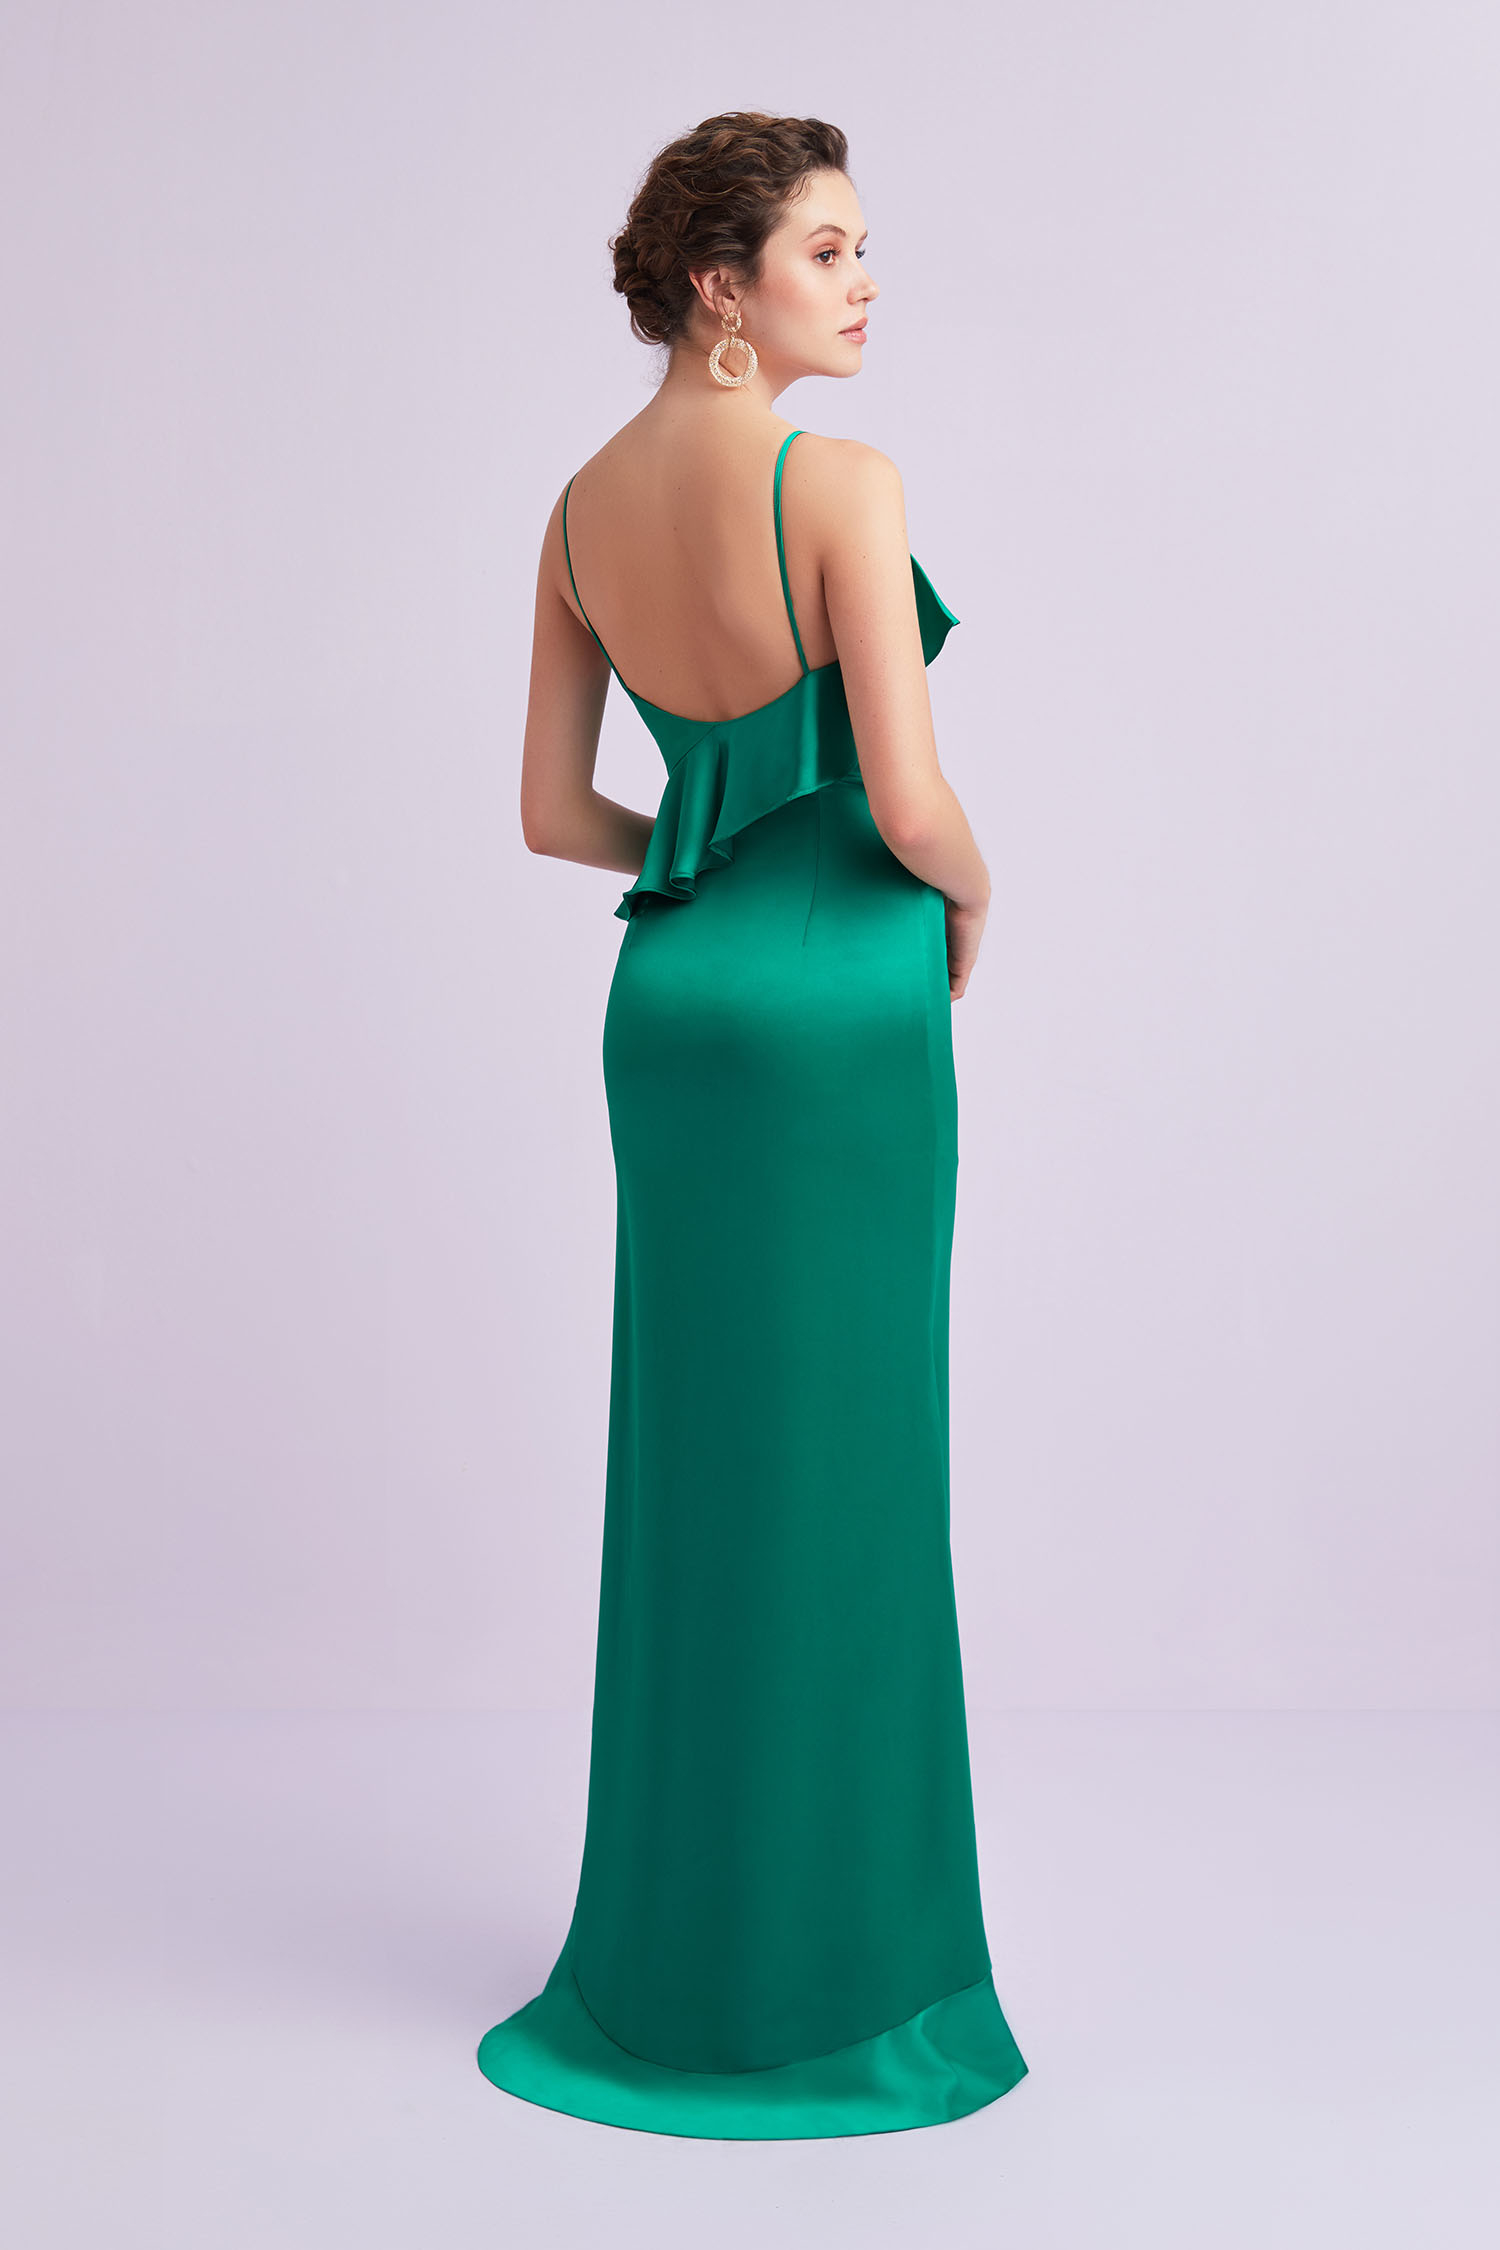 Zümrüt Yeşili İnce Askılı Fırfırlı Yırtmaçlı Saten Abiye Elbise - Thumbnail